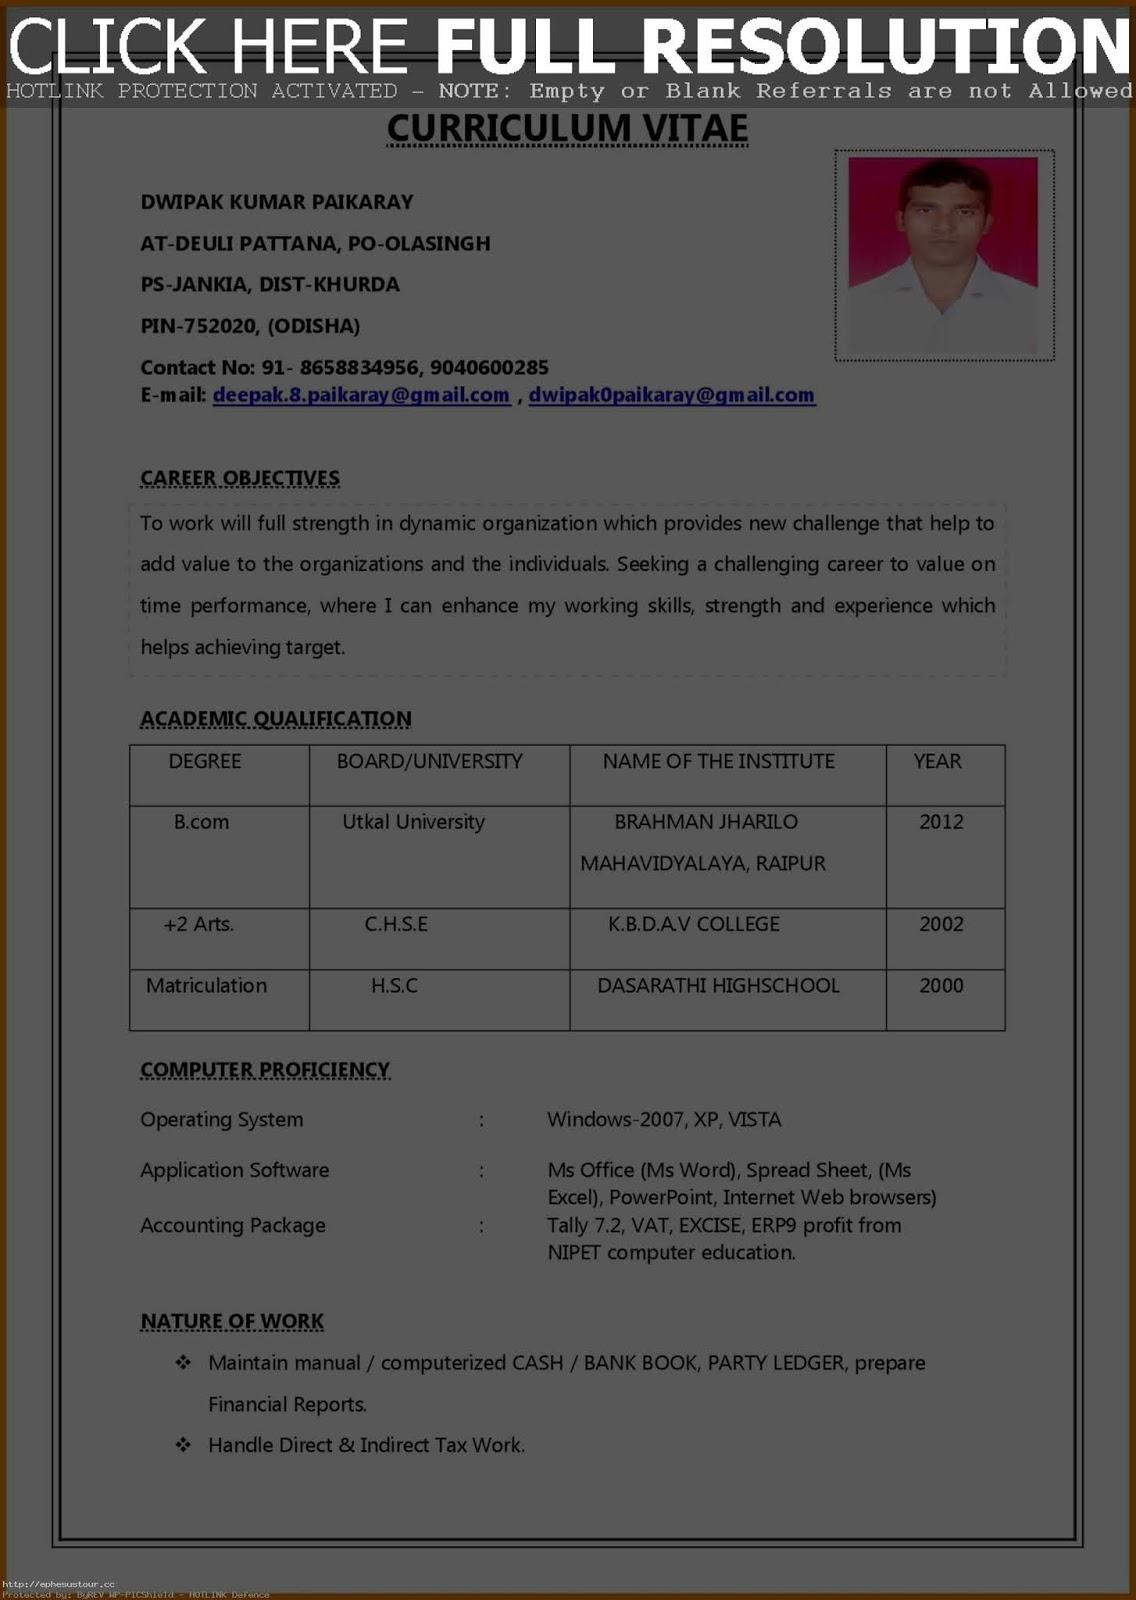 biodata sample form 2019 biodata sample for job biodata sample pdf biodata sample for students 2020 biodata sample format biodata sample for marriage 2020 biodata sample bd biodata sample word